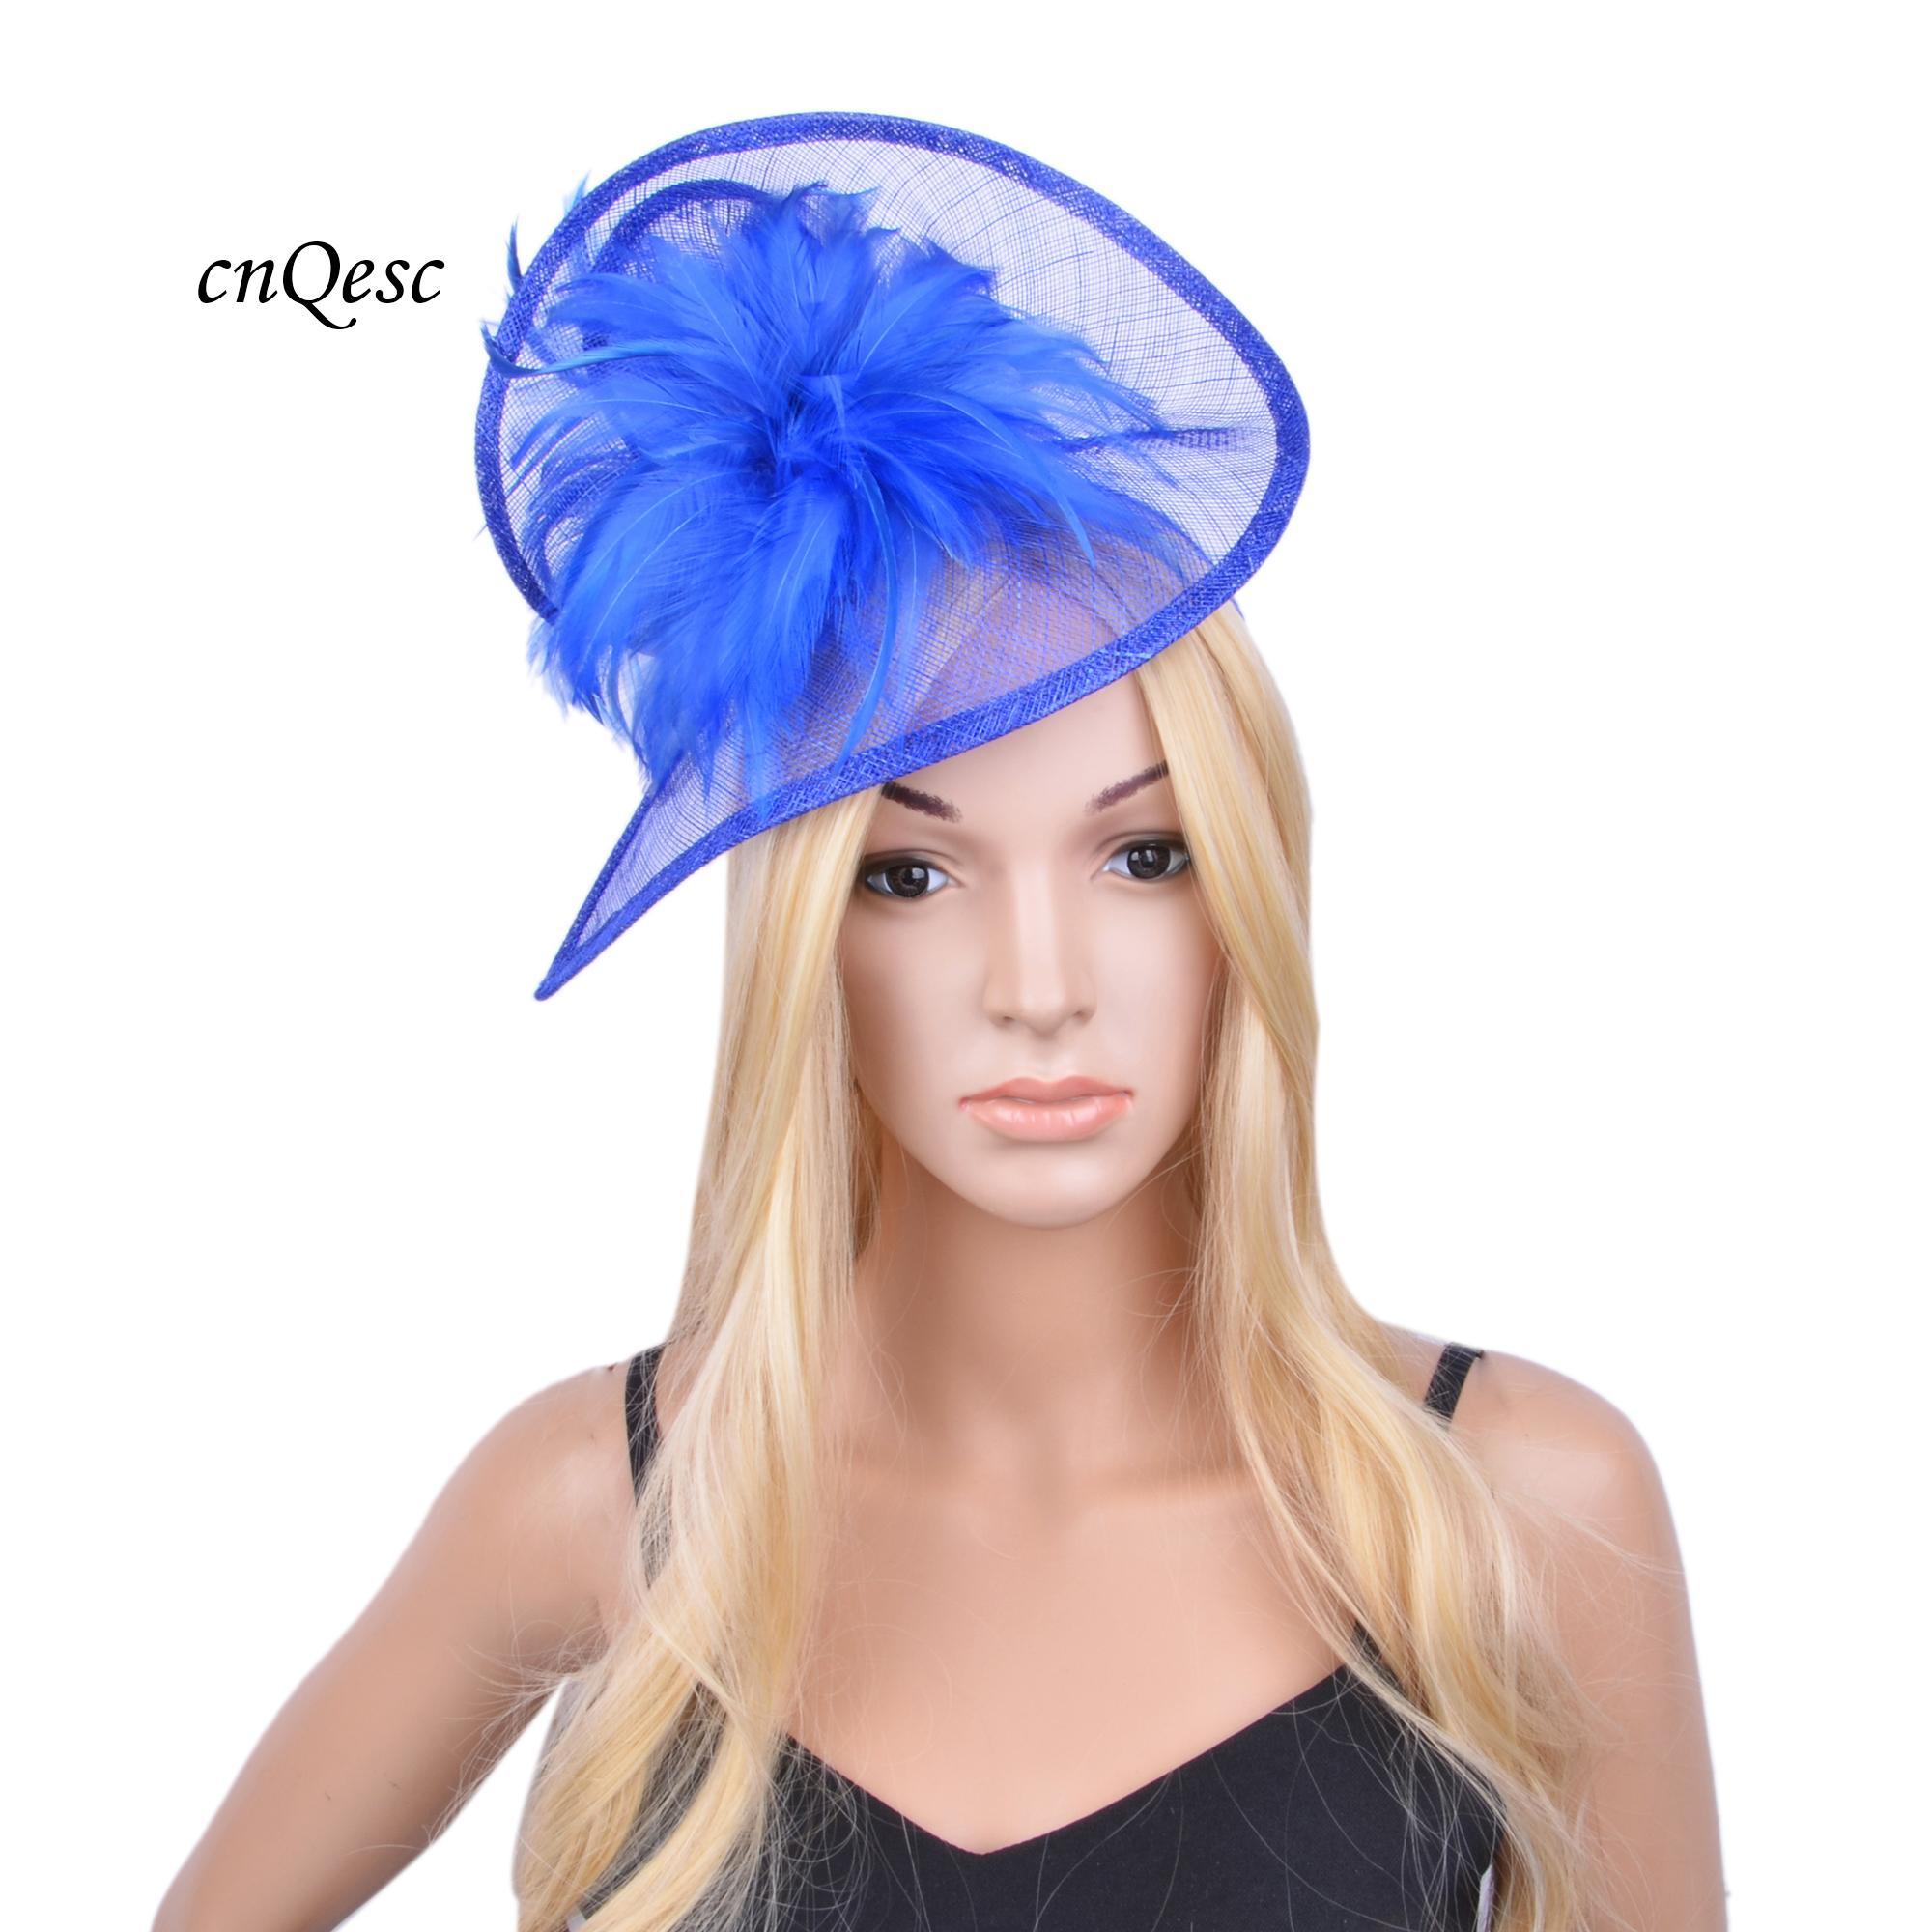 2020 Nuevo Azul real Sinamay sombrero del fascinator formal del vestido con plumas de razas wedding.Kentucky Derby